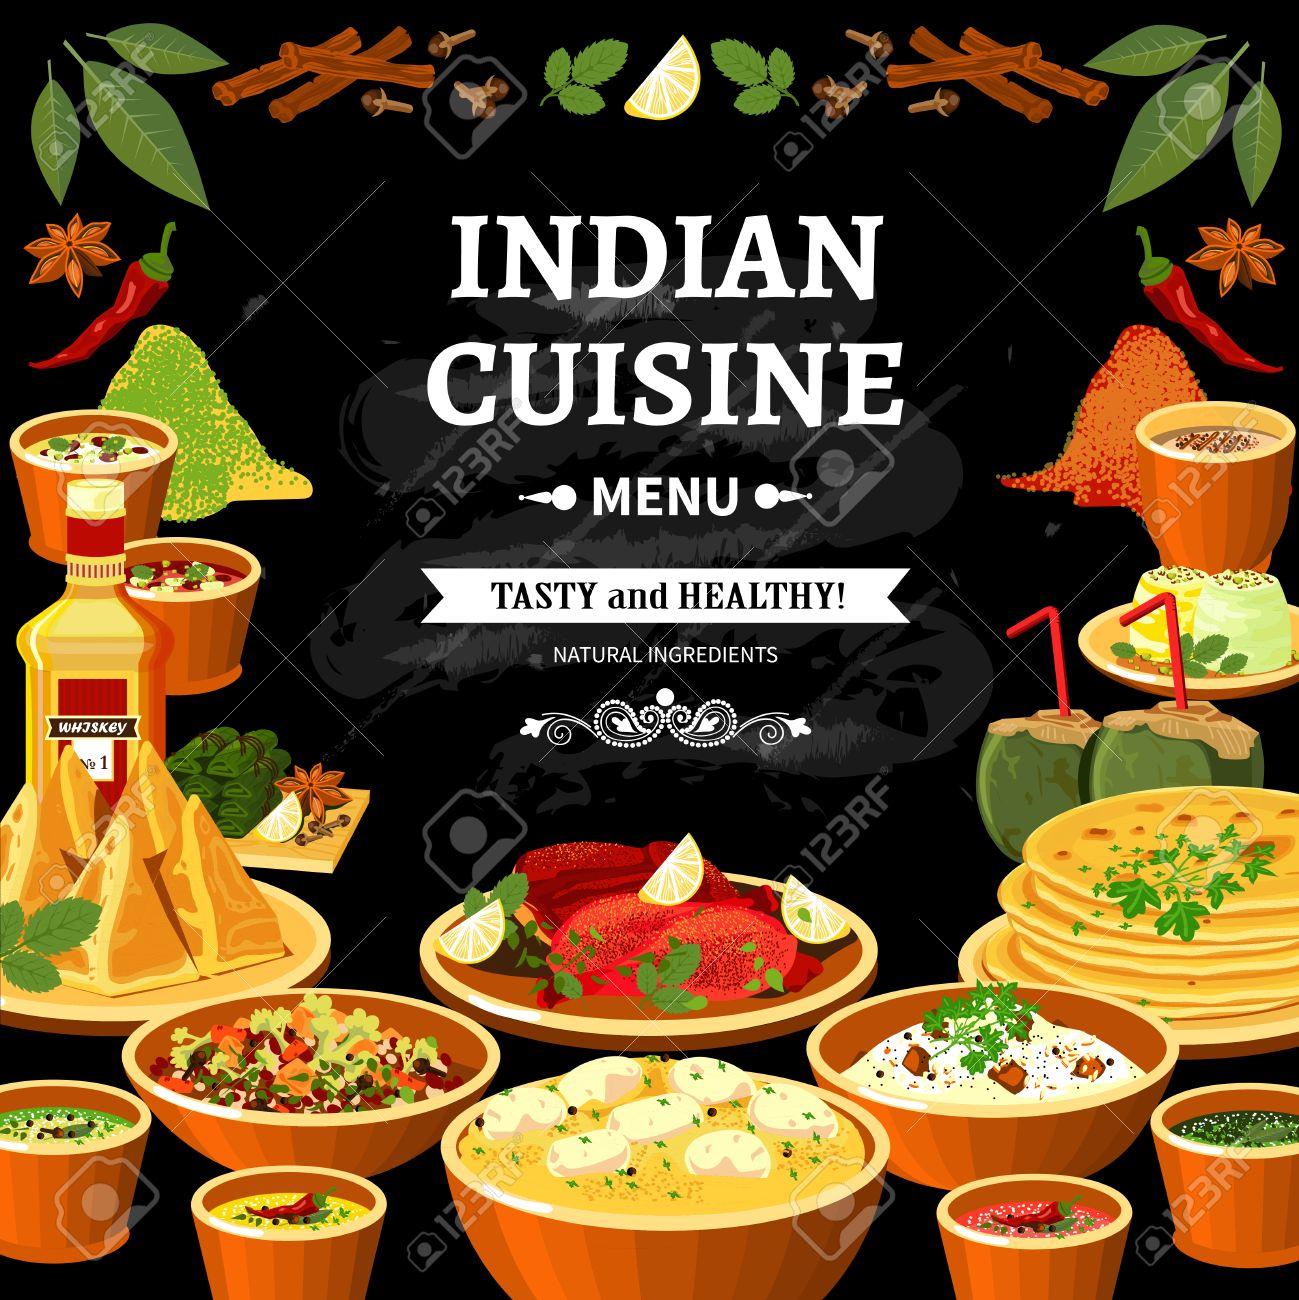 Cocina India Menú Del Restaurante Cartel Negro De La Tarjeta Con ...